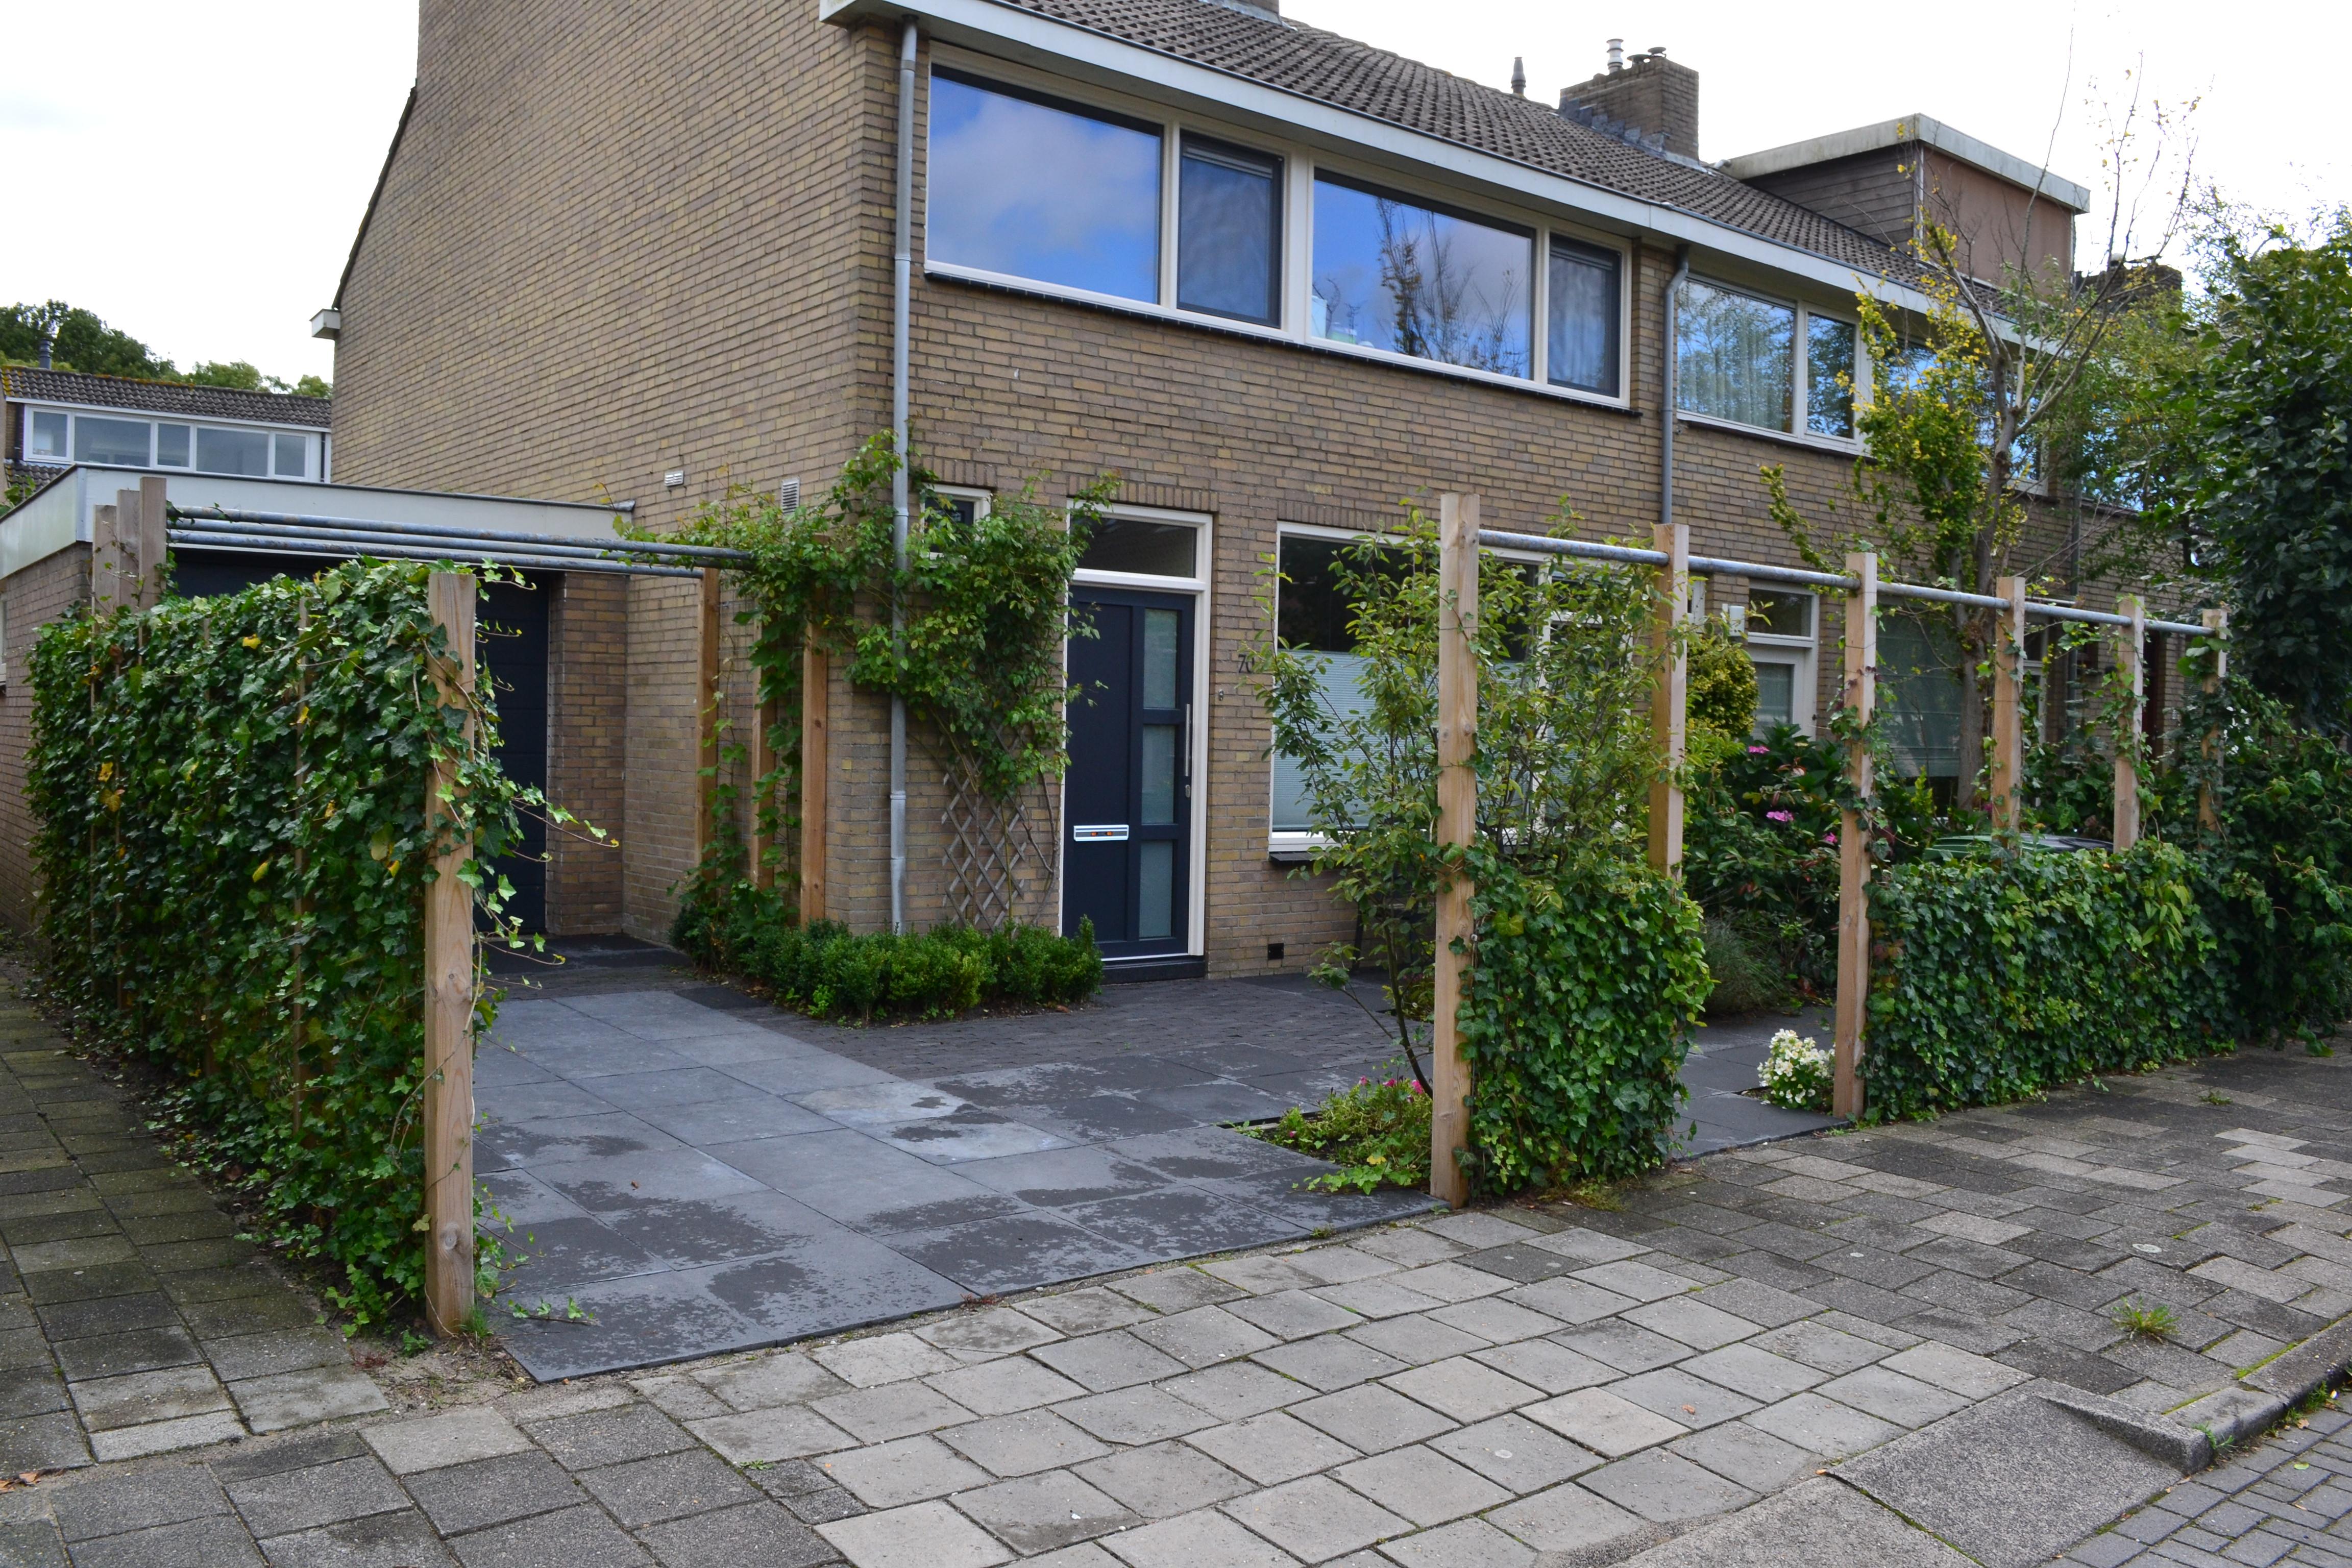 Vinkeveen wisse tuinen for Klein tuin uitleg